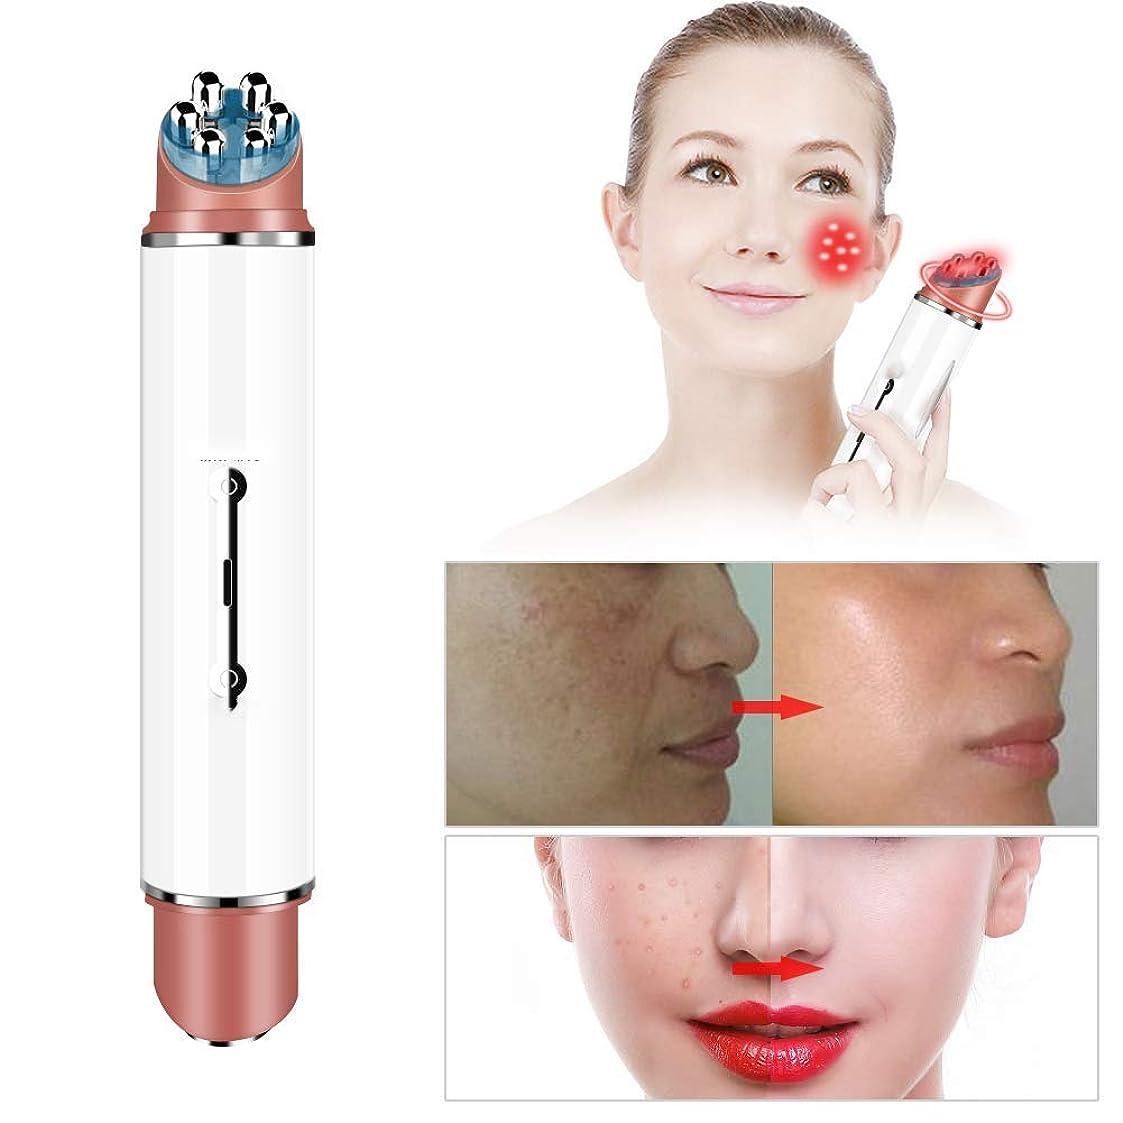 繁栄あらゆる種類の日付43℃の目のマッサージャー、電気顔の目のマッサージャーのペンはしわの暗い円のむくみEMSの振動若返りの目の機械を取除きます